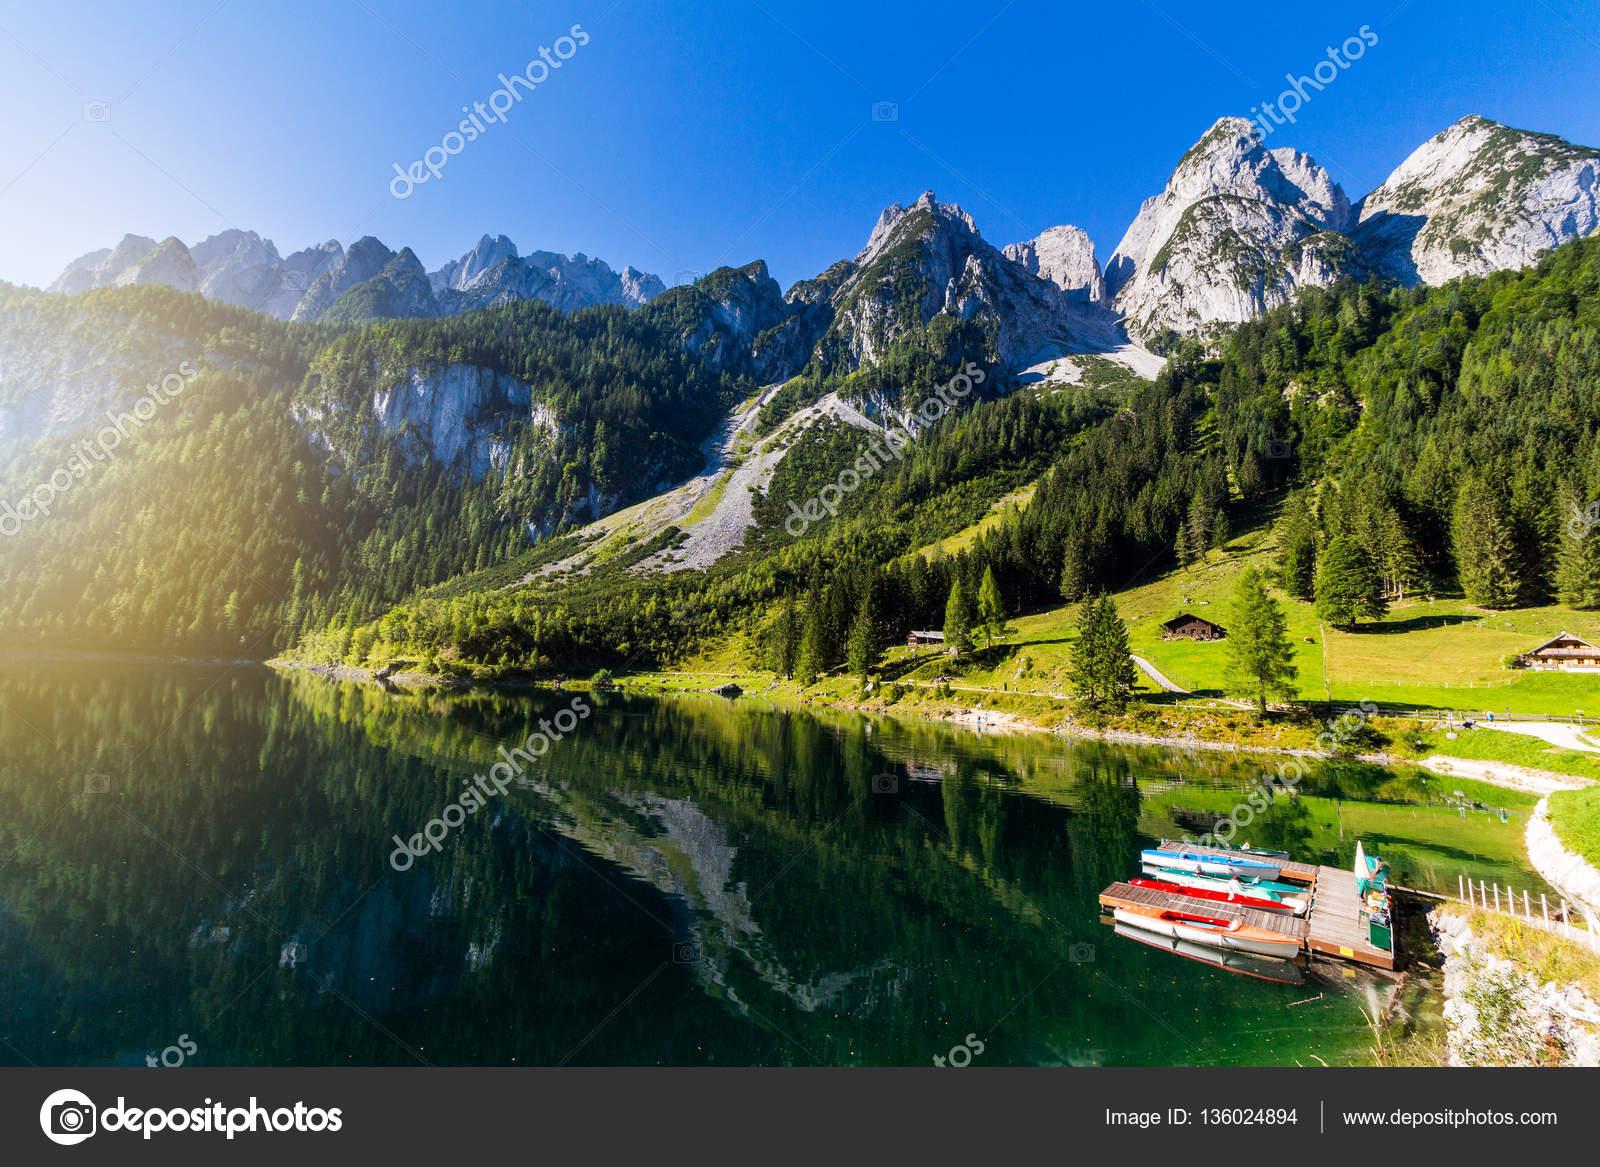 belle vue ete gosausee montagne lac avec des bateaux colores region du salzkammergut en haute autriche image de daliu